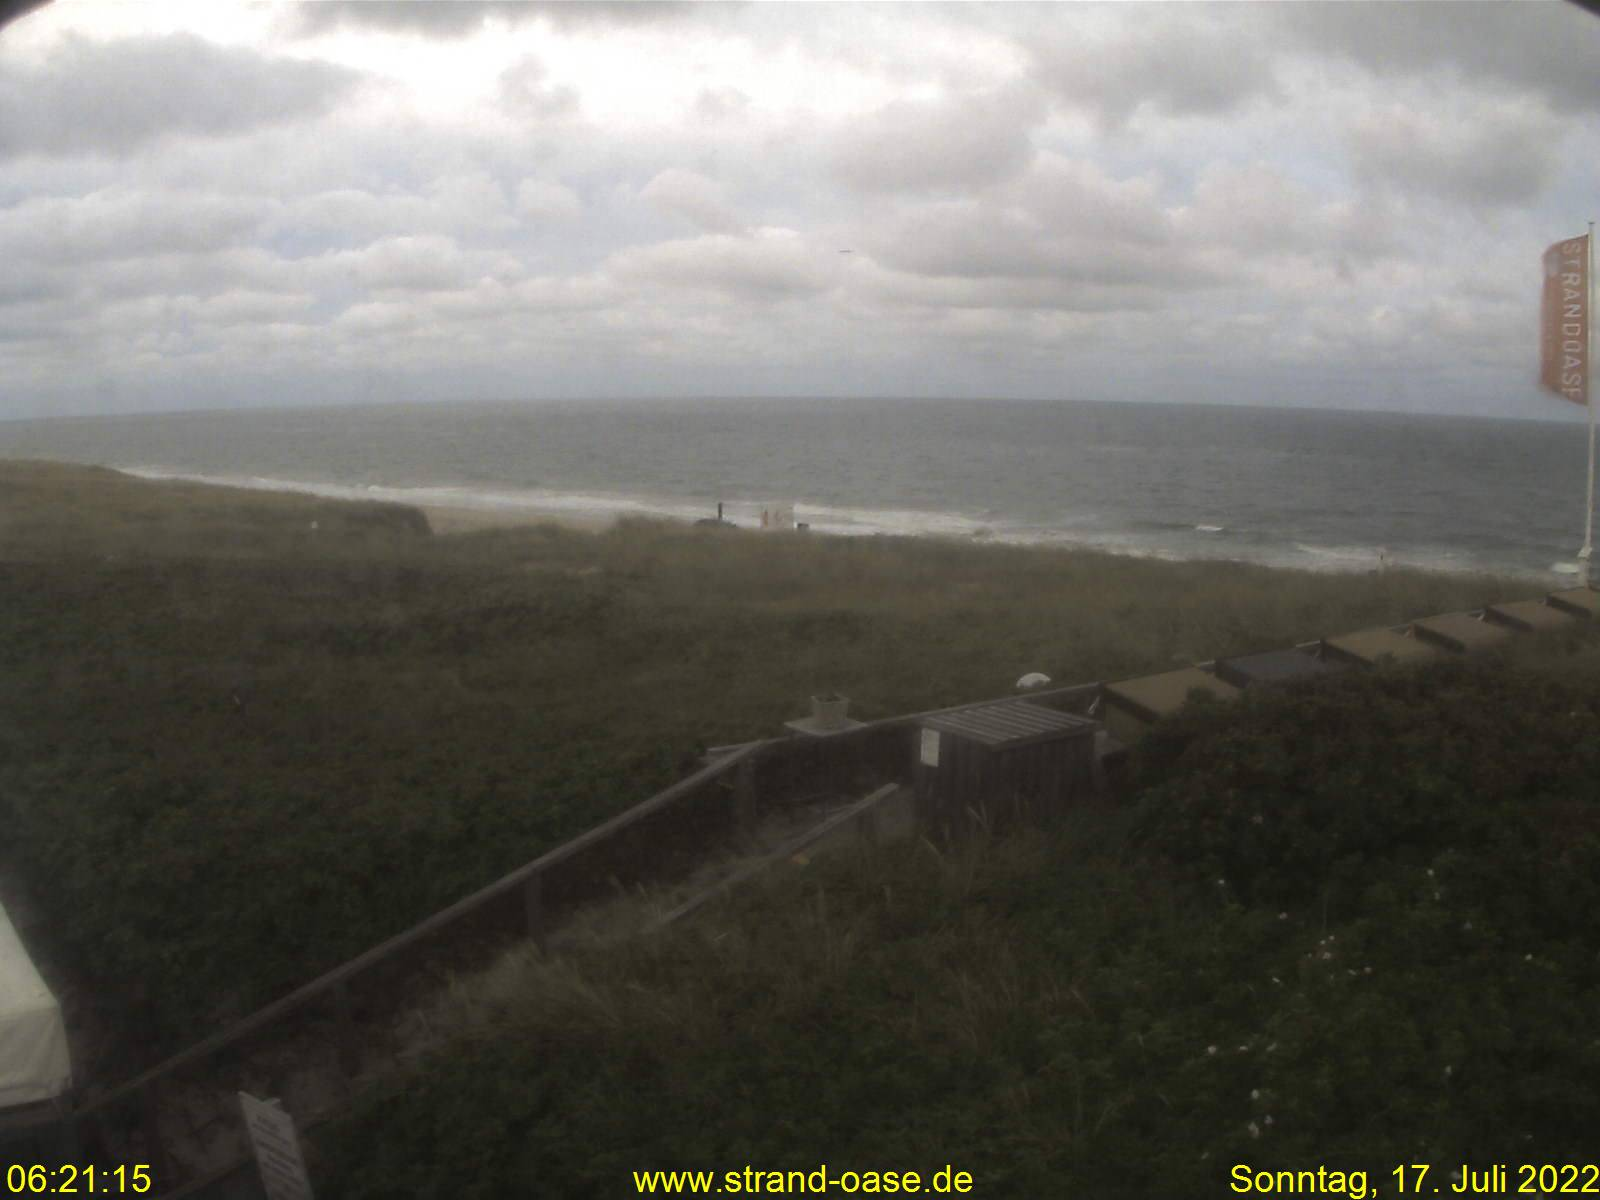 Westerland (Sylt) Sa. 06:22